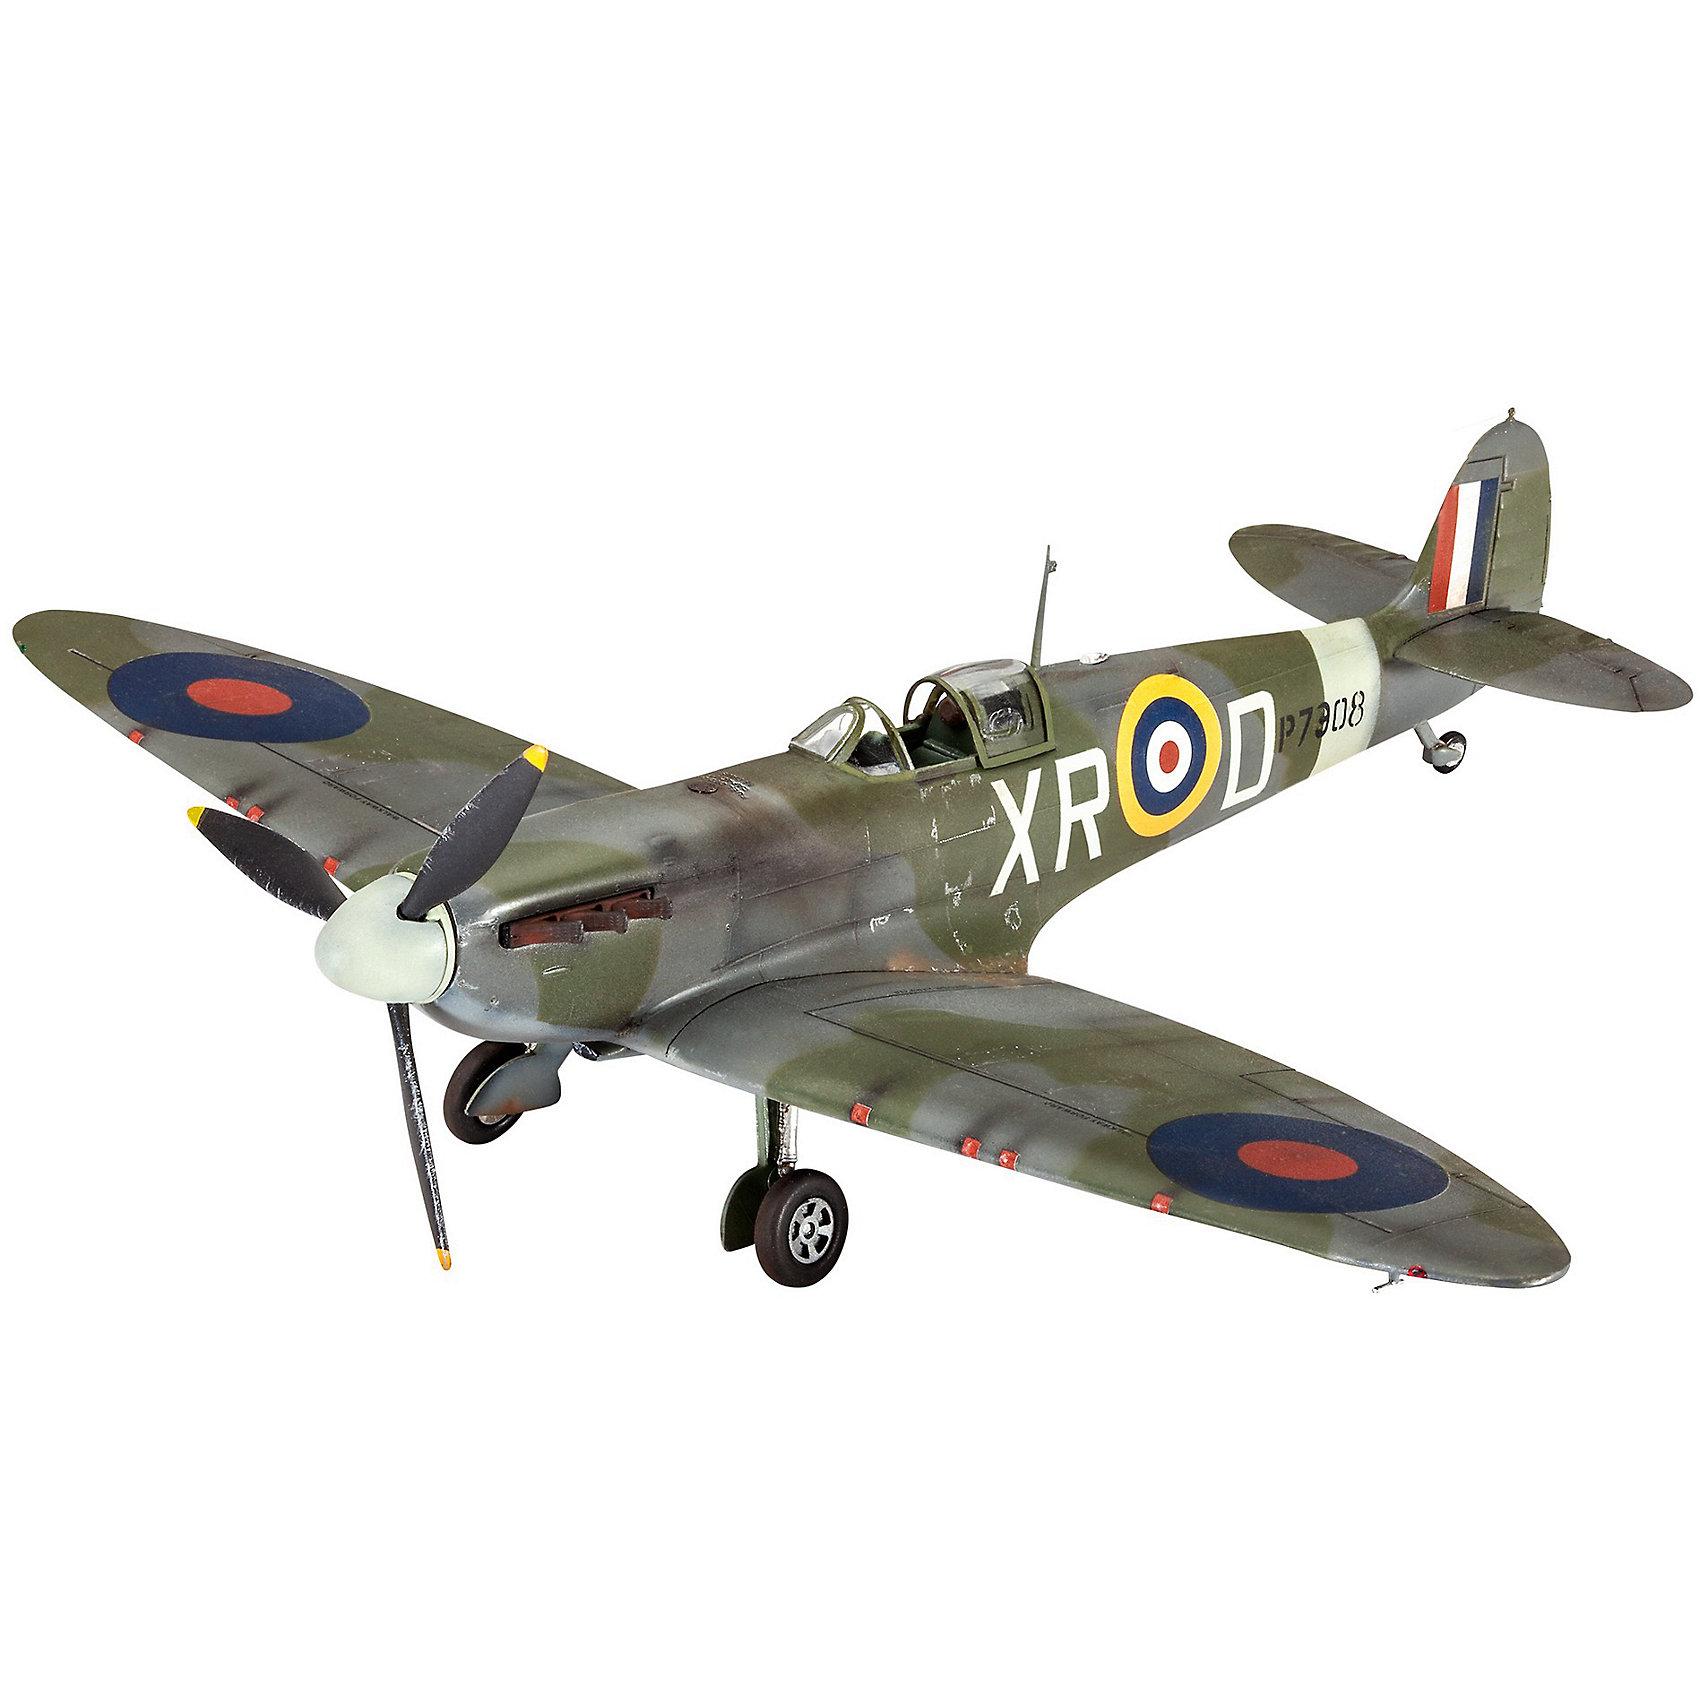 Сборная модель Истребитель Spitfire Mk.II  1/48Модели для склеивания<br>Сборная модель британского истребителя Supermarine Spitfire Mk.II. Самолет активно применялся во время Второй Мировой войны. <br>Все детали модели изготовлены из пластика. Их необходимо склеить. Для этого рекомендуется использовать специальный клей для пластика. После сбора модель необходимо будет покрасить. Для этого лучше использовать акриловые или эмалевые краски Revell. Все расходные материалы приобретаются отдельно. В данный набор они не входят! <br>В наборе присутствует декаль (переводные наклейки) для создания модели самолета из эскадрильи 71 Eagle Squadron в августе 1941 года. <br>Масштаб модели: 1/48 <br>Длина модели в собранном виде: 18,8 см  <br>Размах крыльев:  22,5 см  <br>Количество деталей: 34  <br>Модель рекомендуется для детей и взрослых в возрасте от 10 лет.<br><br>Ширина мм: 9999<br>Глубина мм: 9999<br>Высота мм: 9999<br>Вес г: 9999<br>Возраст от месяцев: 120<br>Возраст до месяцев: 2147483647<br>Пол: Мужской<br>Возраст: Детский<br>SKU: 7122355